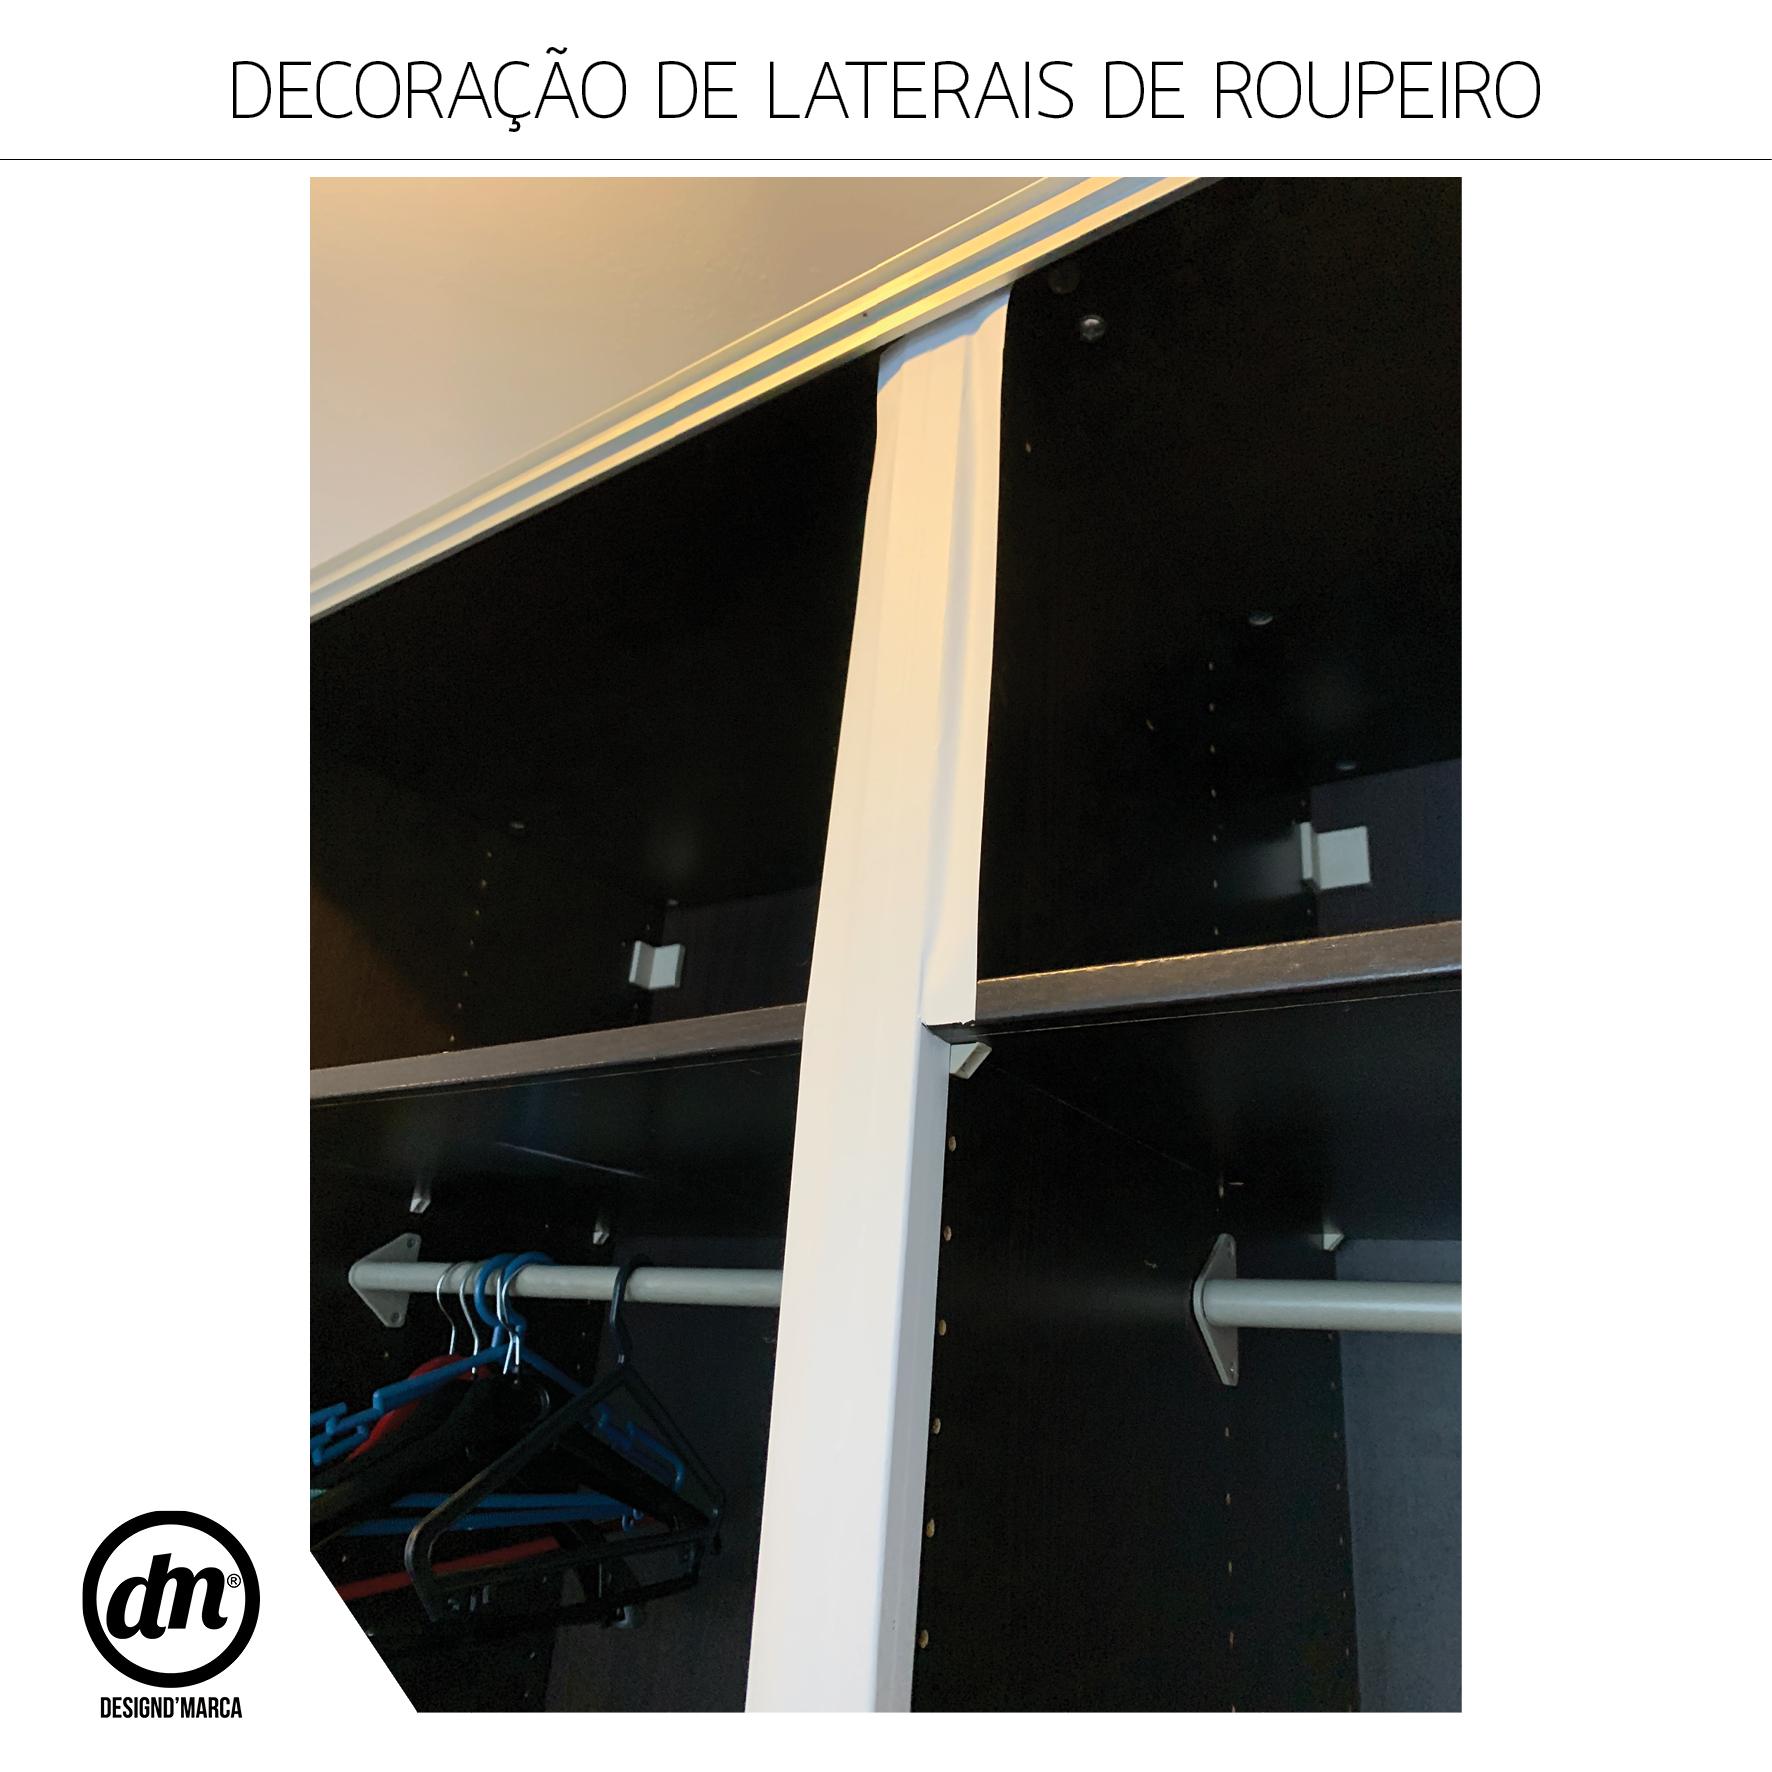 DECORAÇÃO DE LATERAIS DE ROUPEIRO